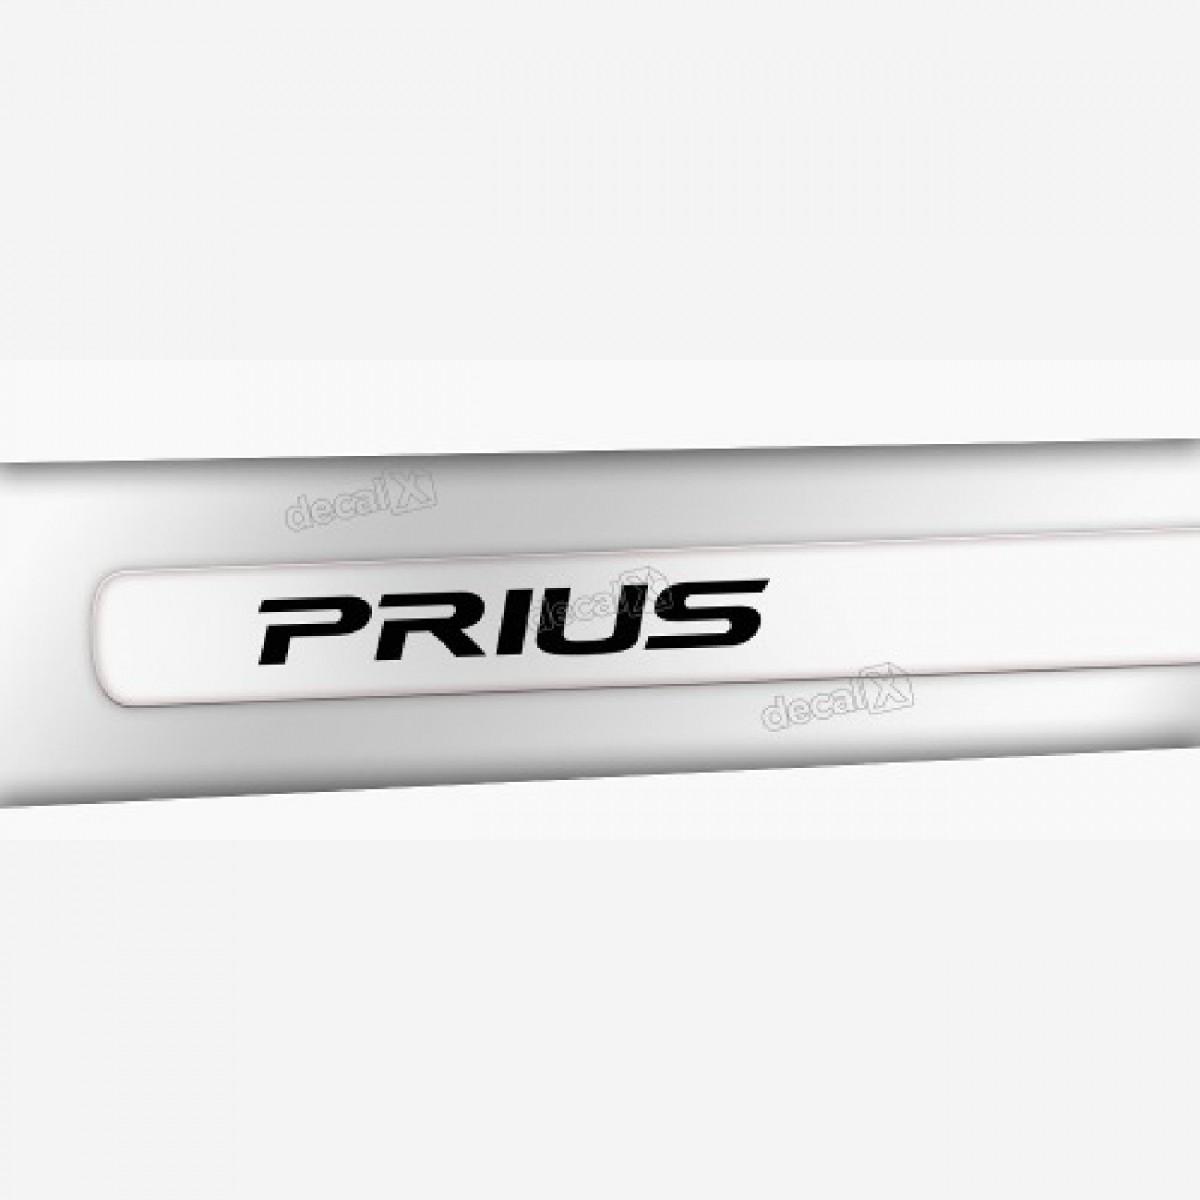 Kit Friso Adesivo Lateral Resinado Toyota Prius Transparente